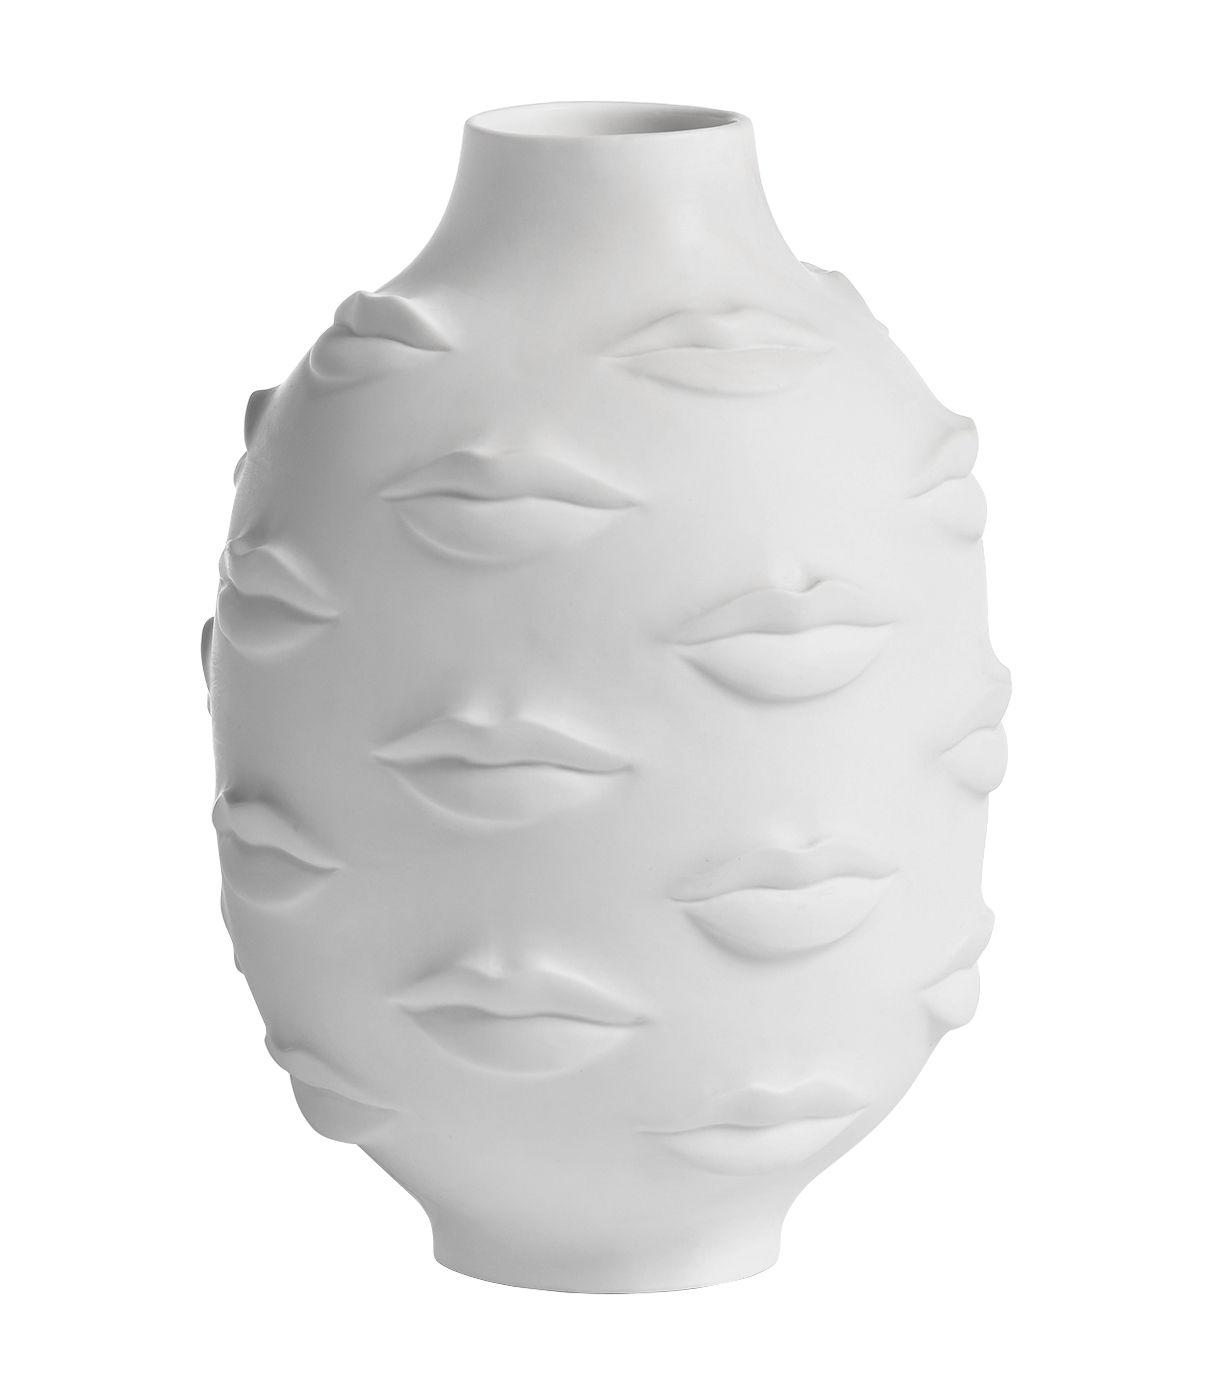 Decoration - Vases - Muse Round Gala Vase - Porcelain - H 25 cm by Jonathan Adler - Matte white - Matt white porcelain